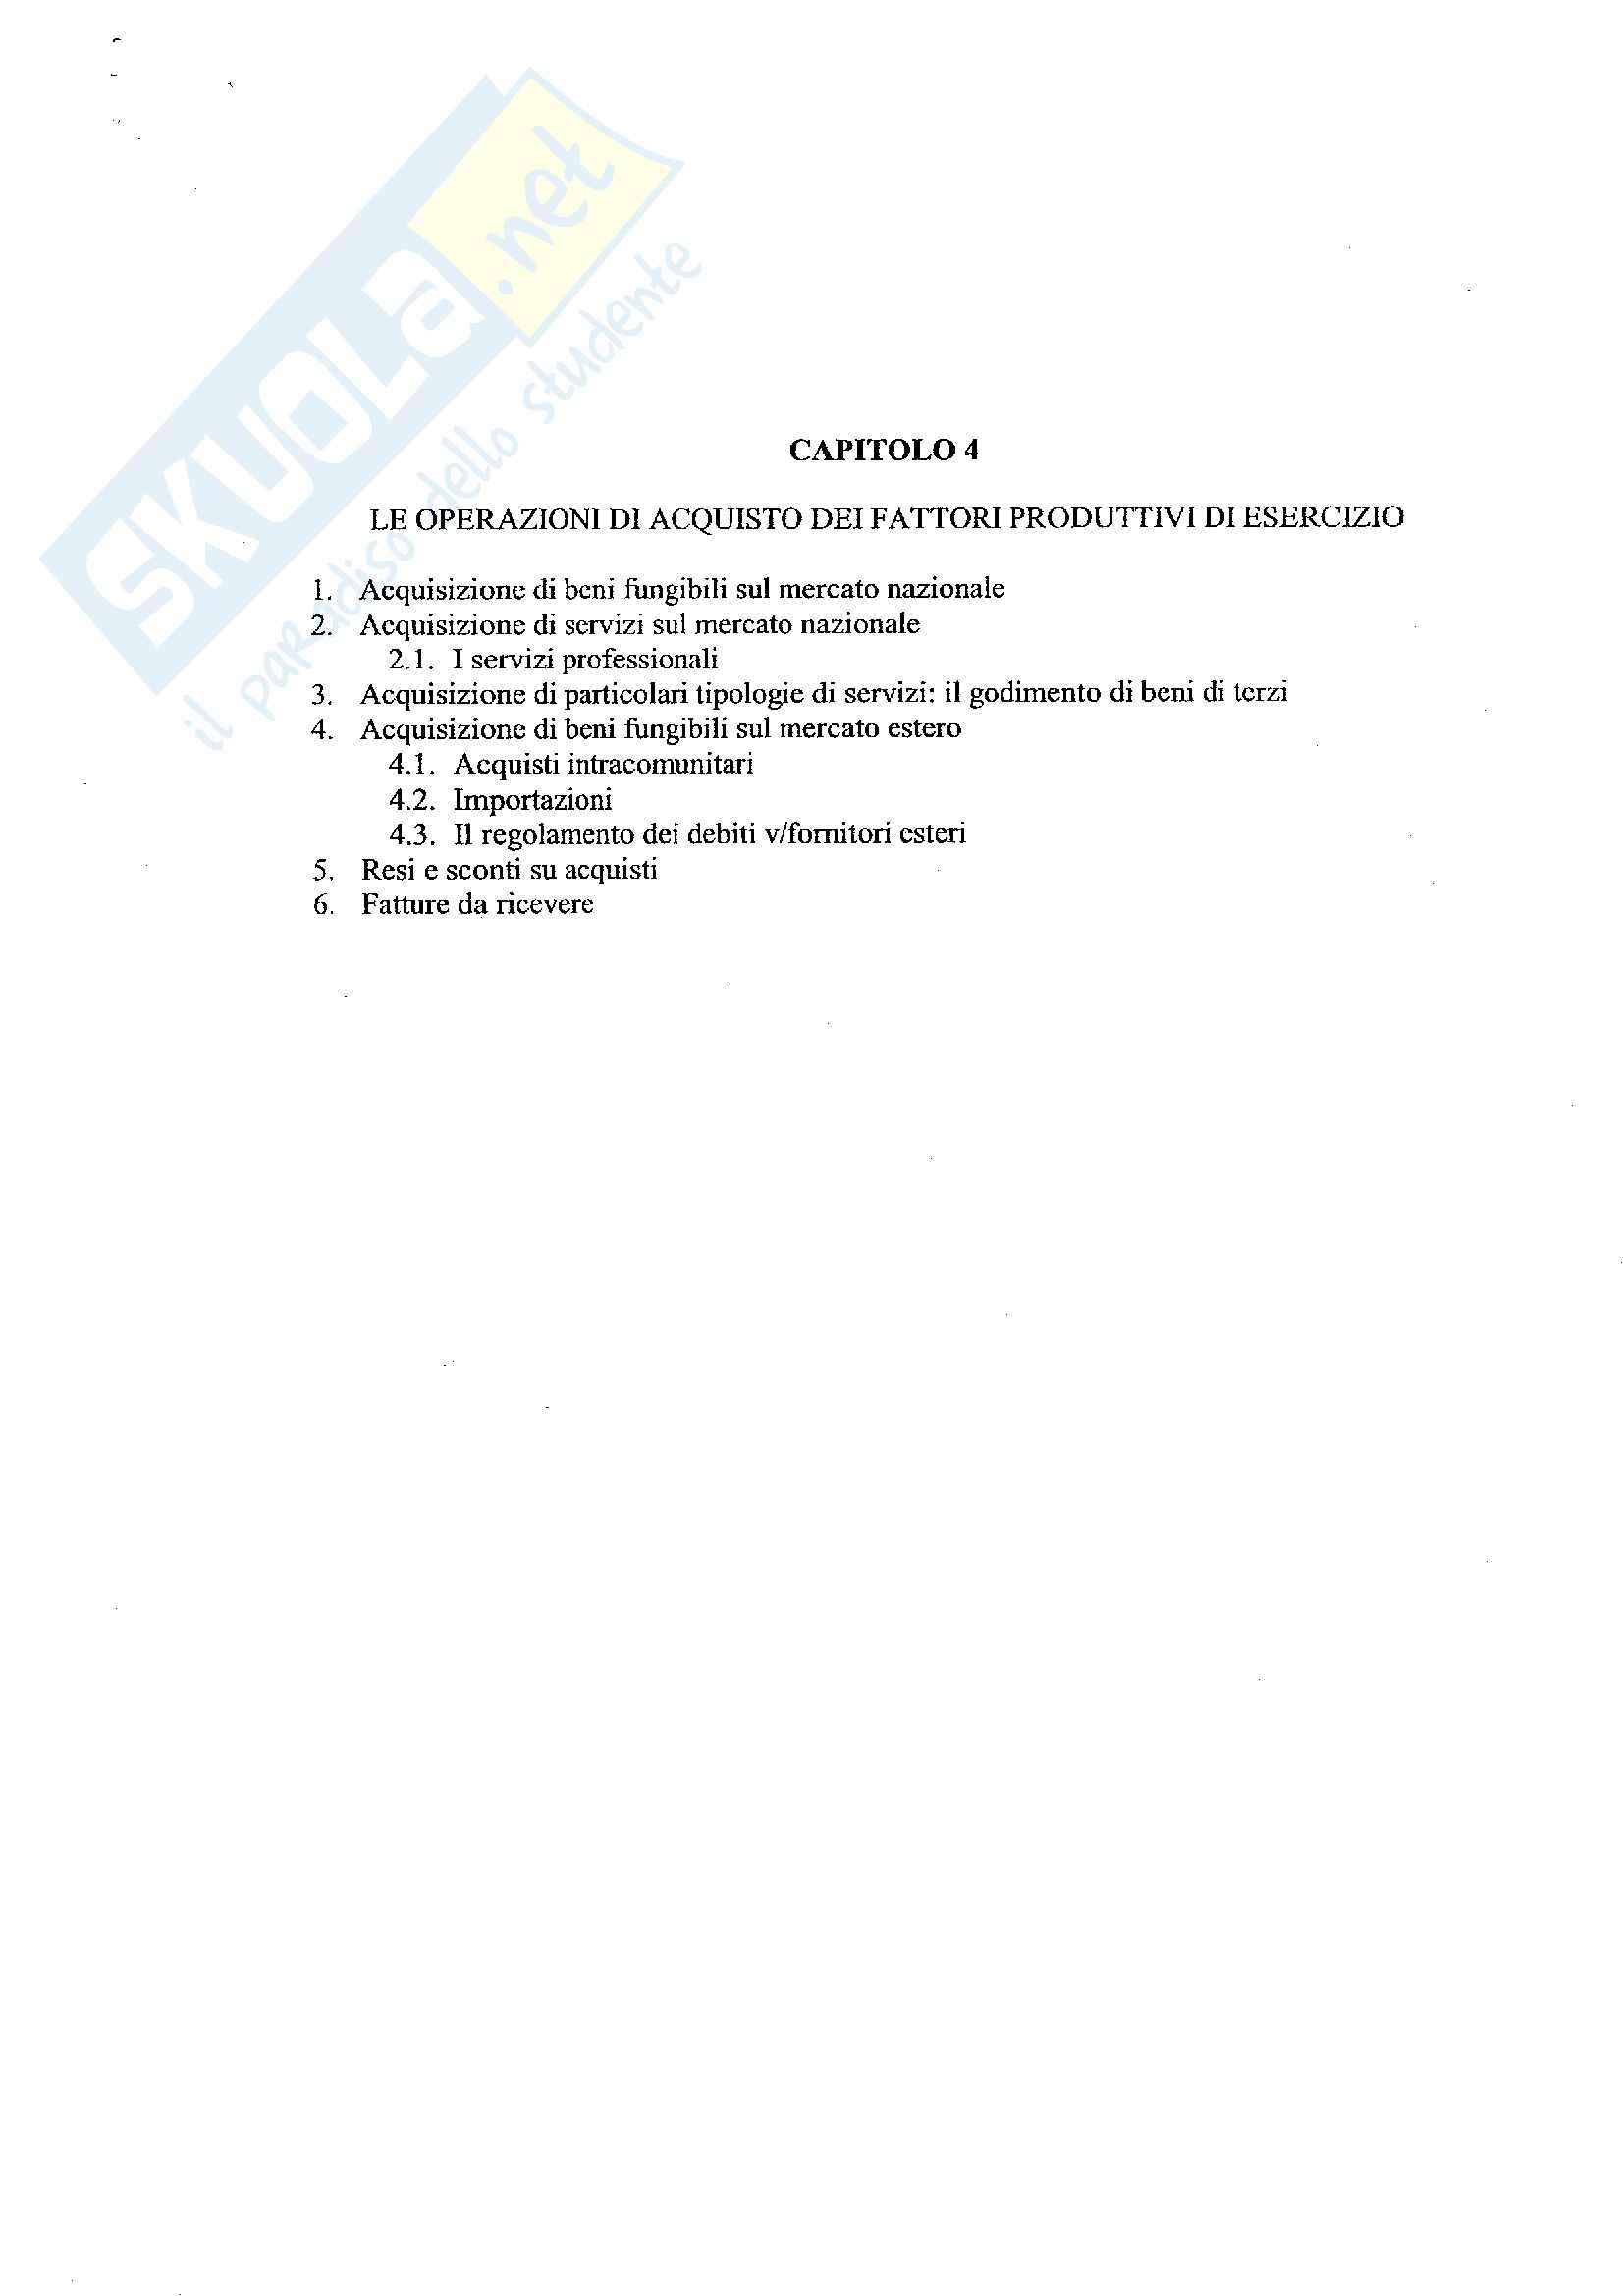 Economia aziendale II - Contabilità cap. 4 - Appunti